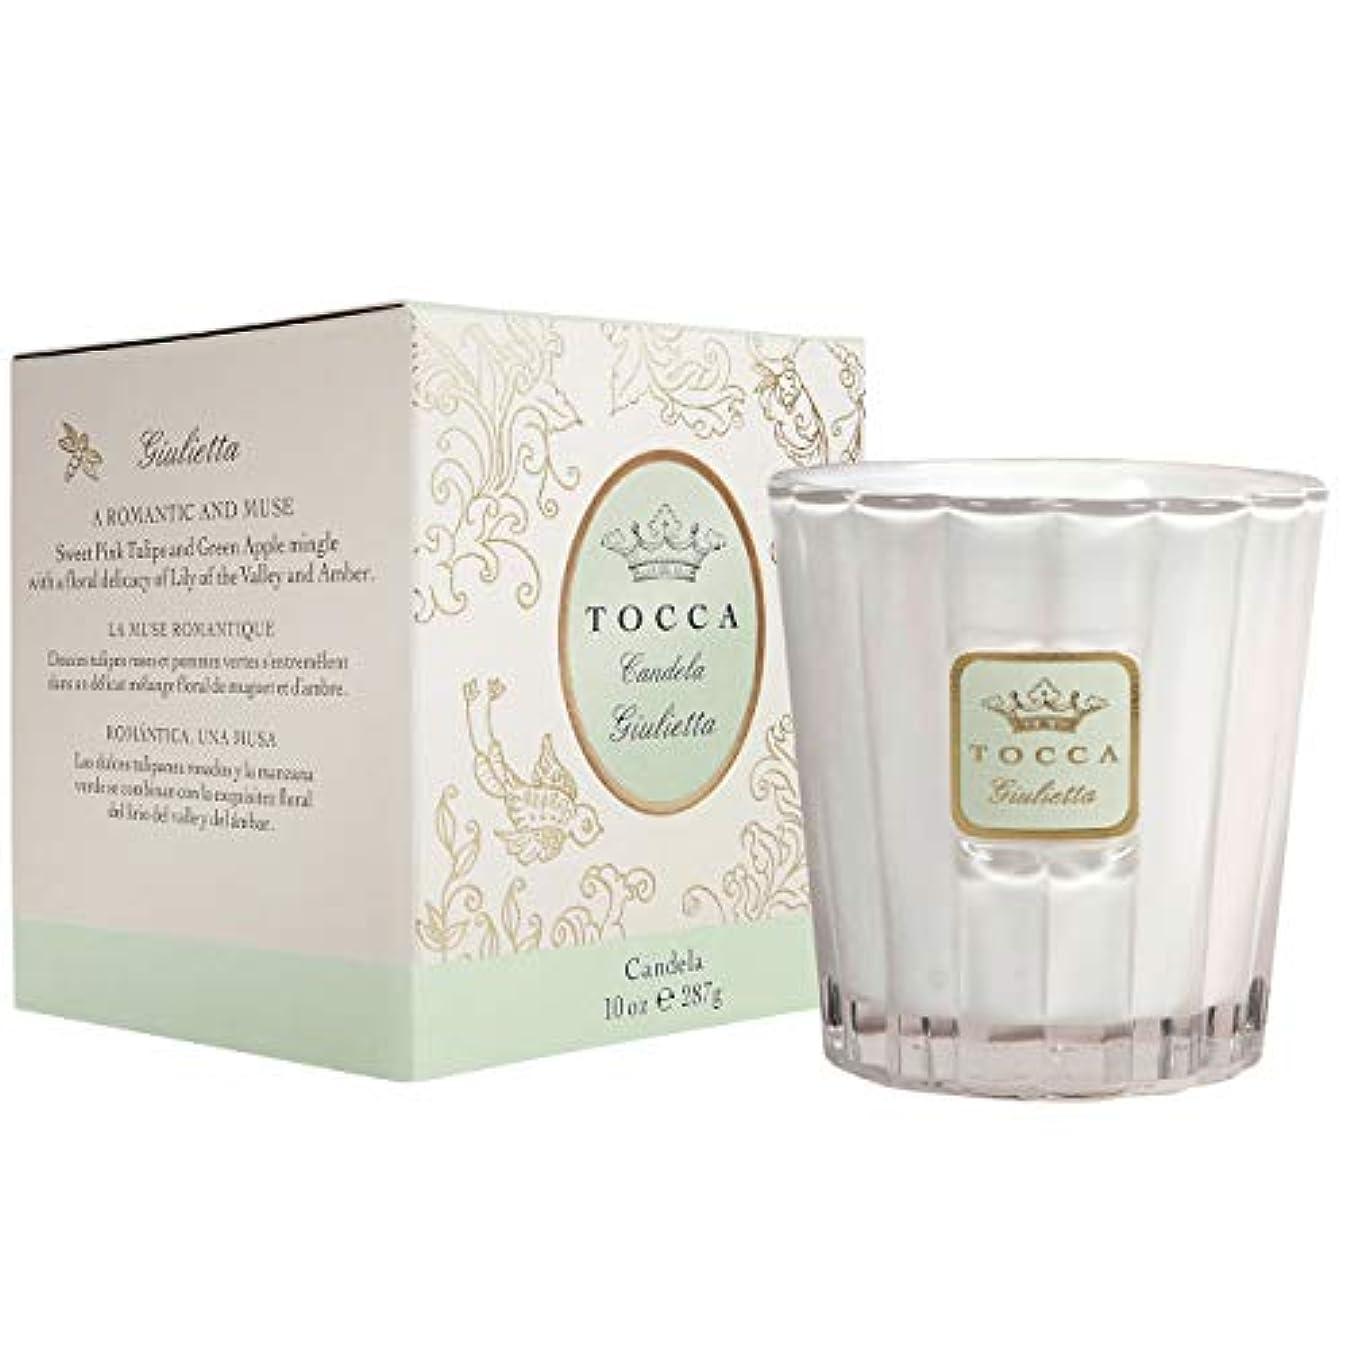 ヤング浸した寝室トッカ(TOCCA) キャンドル ジュリエッタの香り 約287g (ろうそく 爽やかで甘い香り)